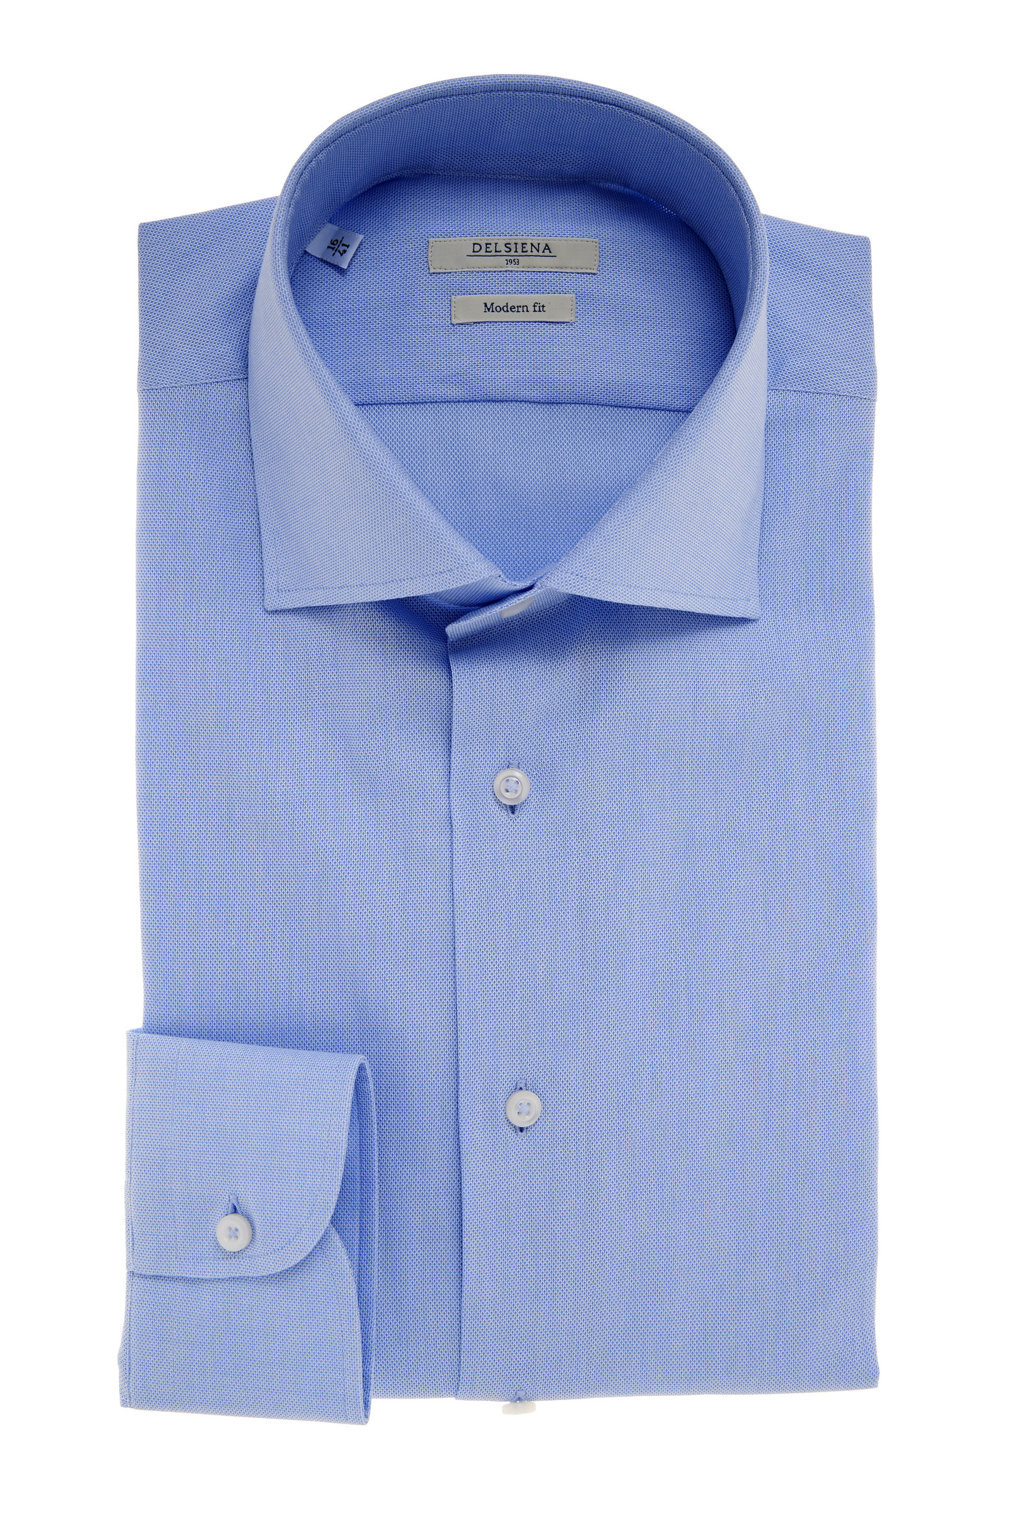 Camicia Delsiena azzurra collo francese